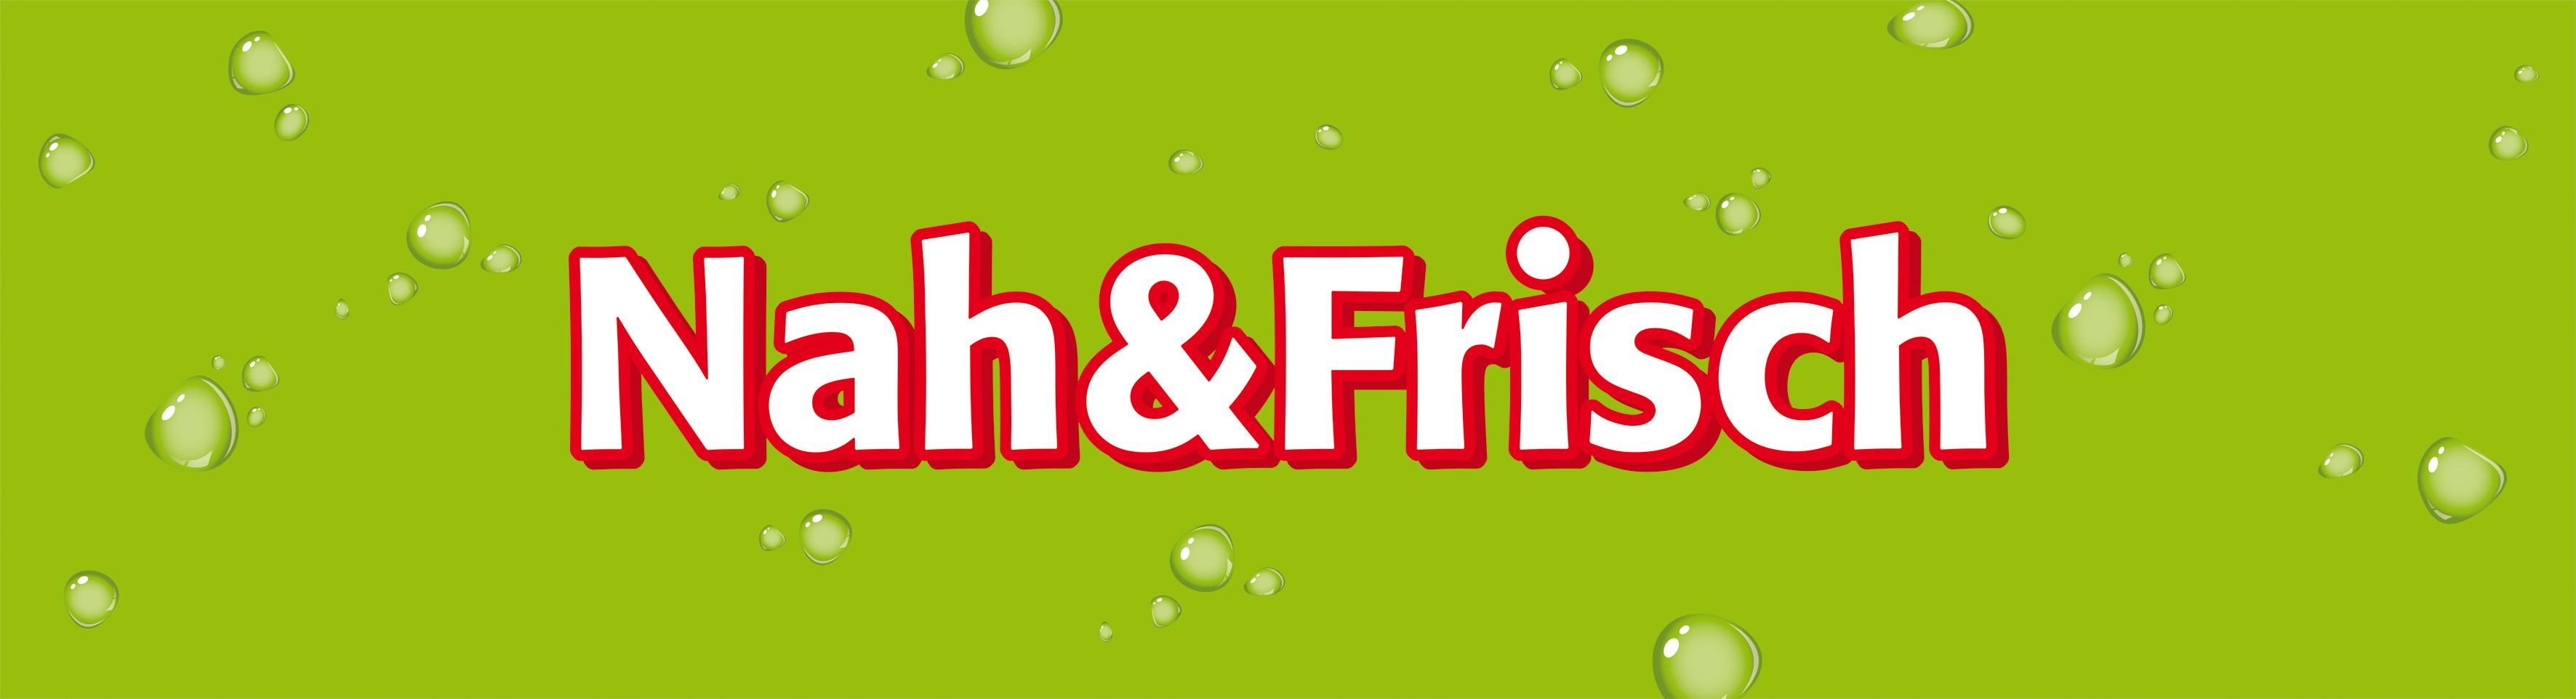 Logo Nah&Frisch, Foto Pfeiffer